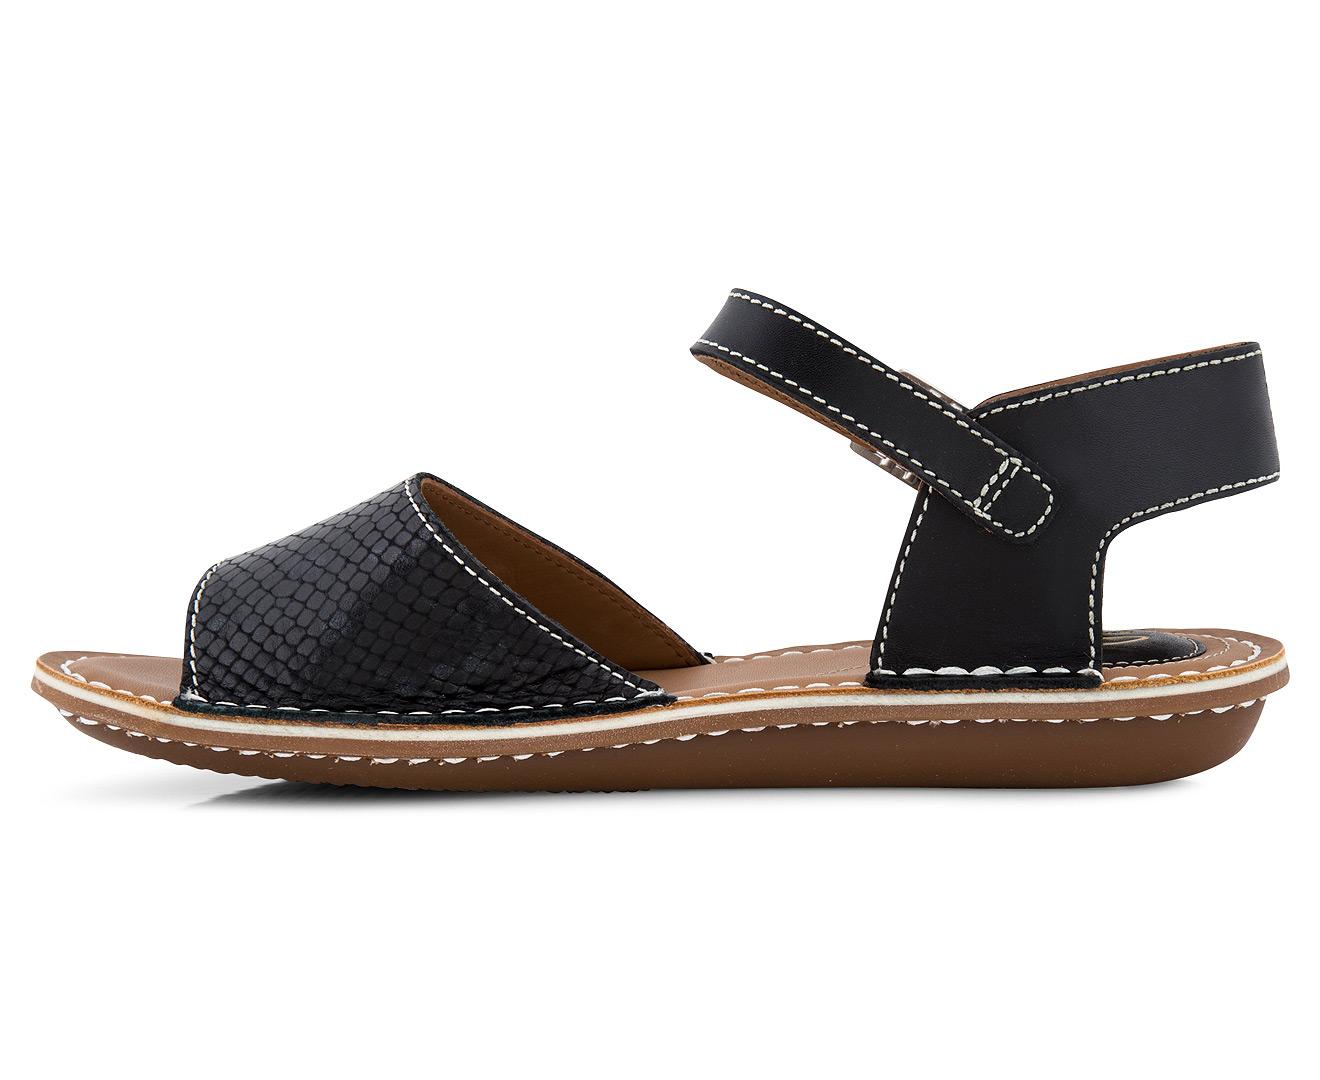 caf66a65f Ugg Tustin Sandals